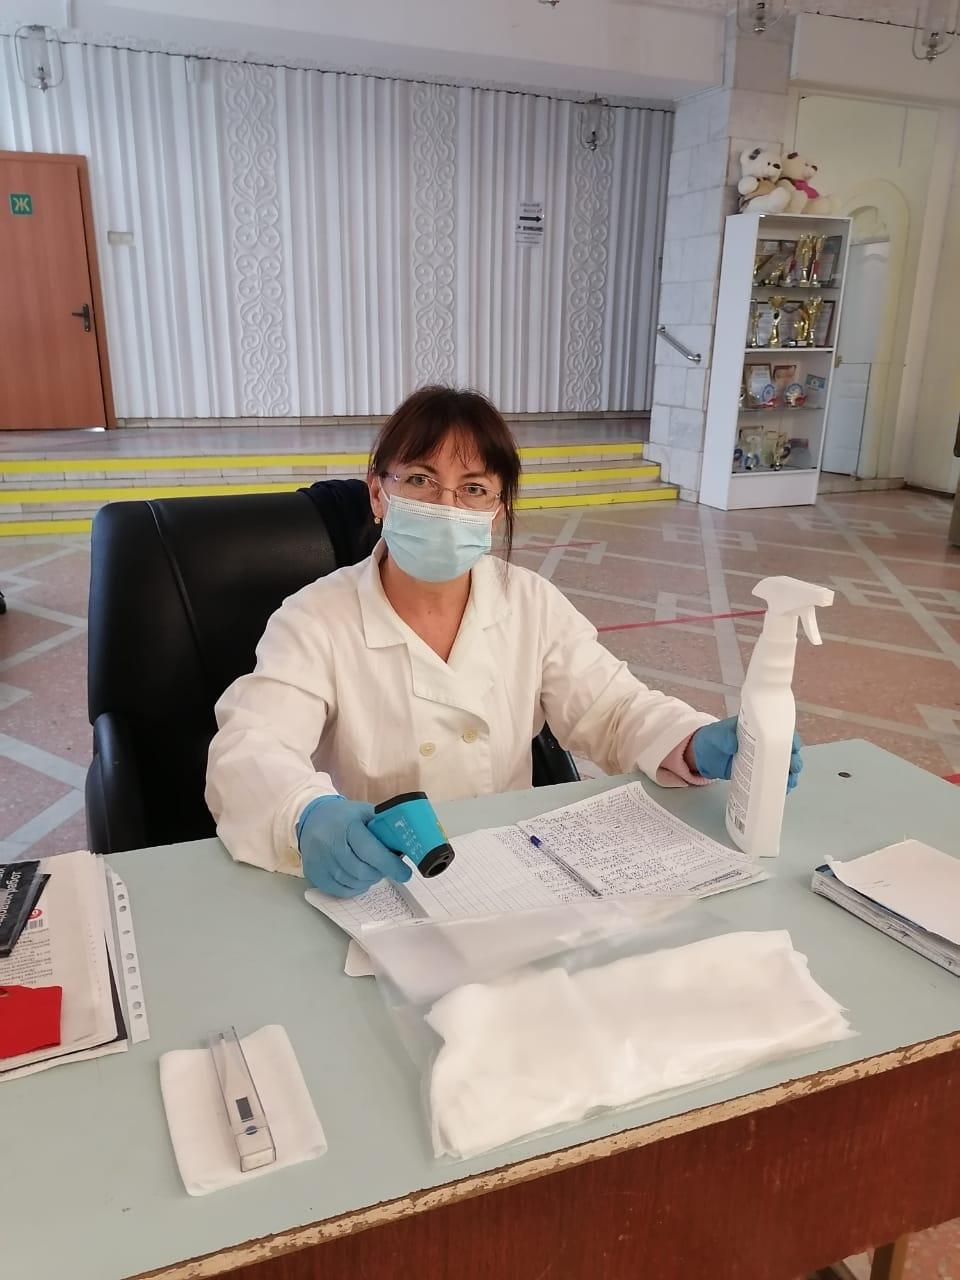 Медицинские инспекторы ведут контроль за соблюдением сотрудниками эпидкультуры в период пандемии по коронавирусу.